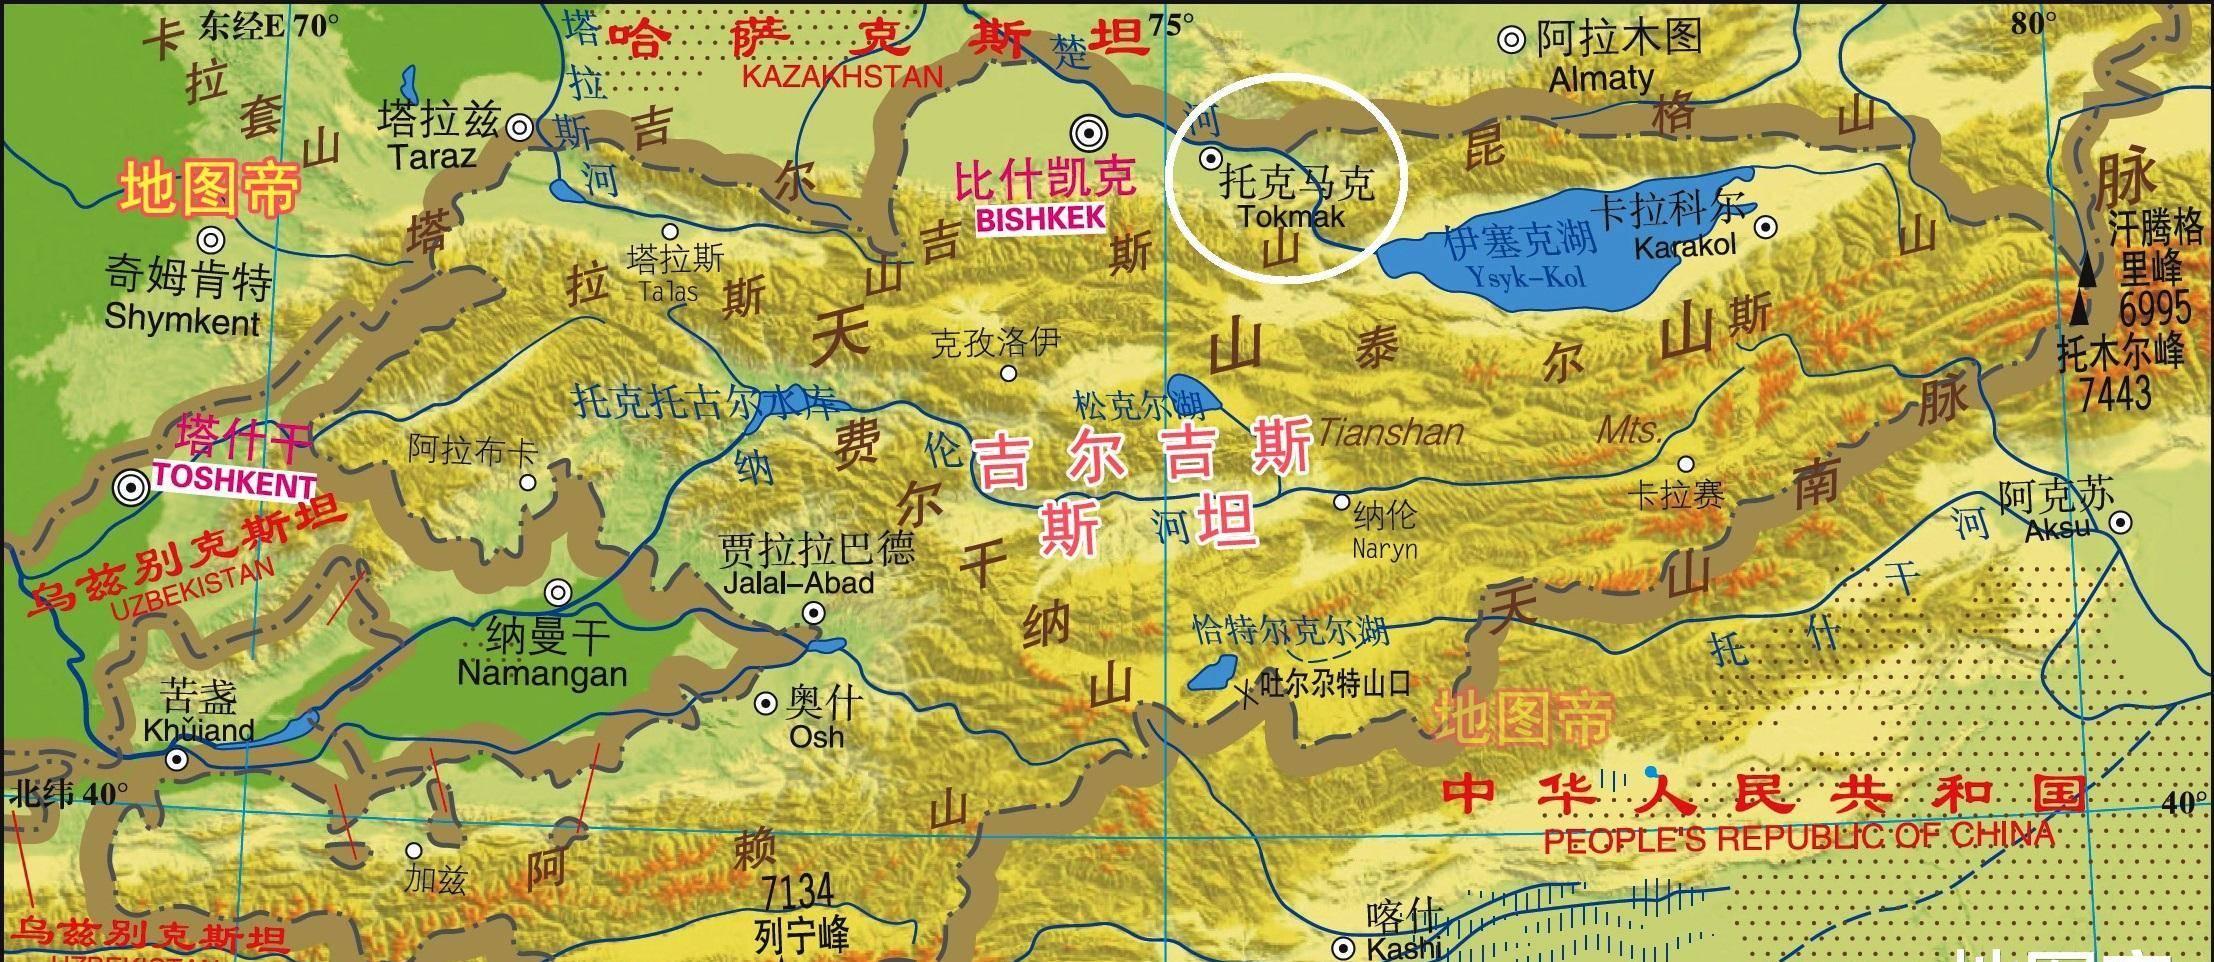 李白出生地碎叶城,为何不在我国境内?